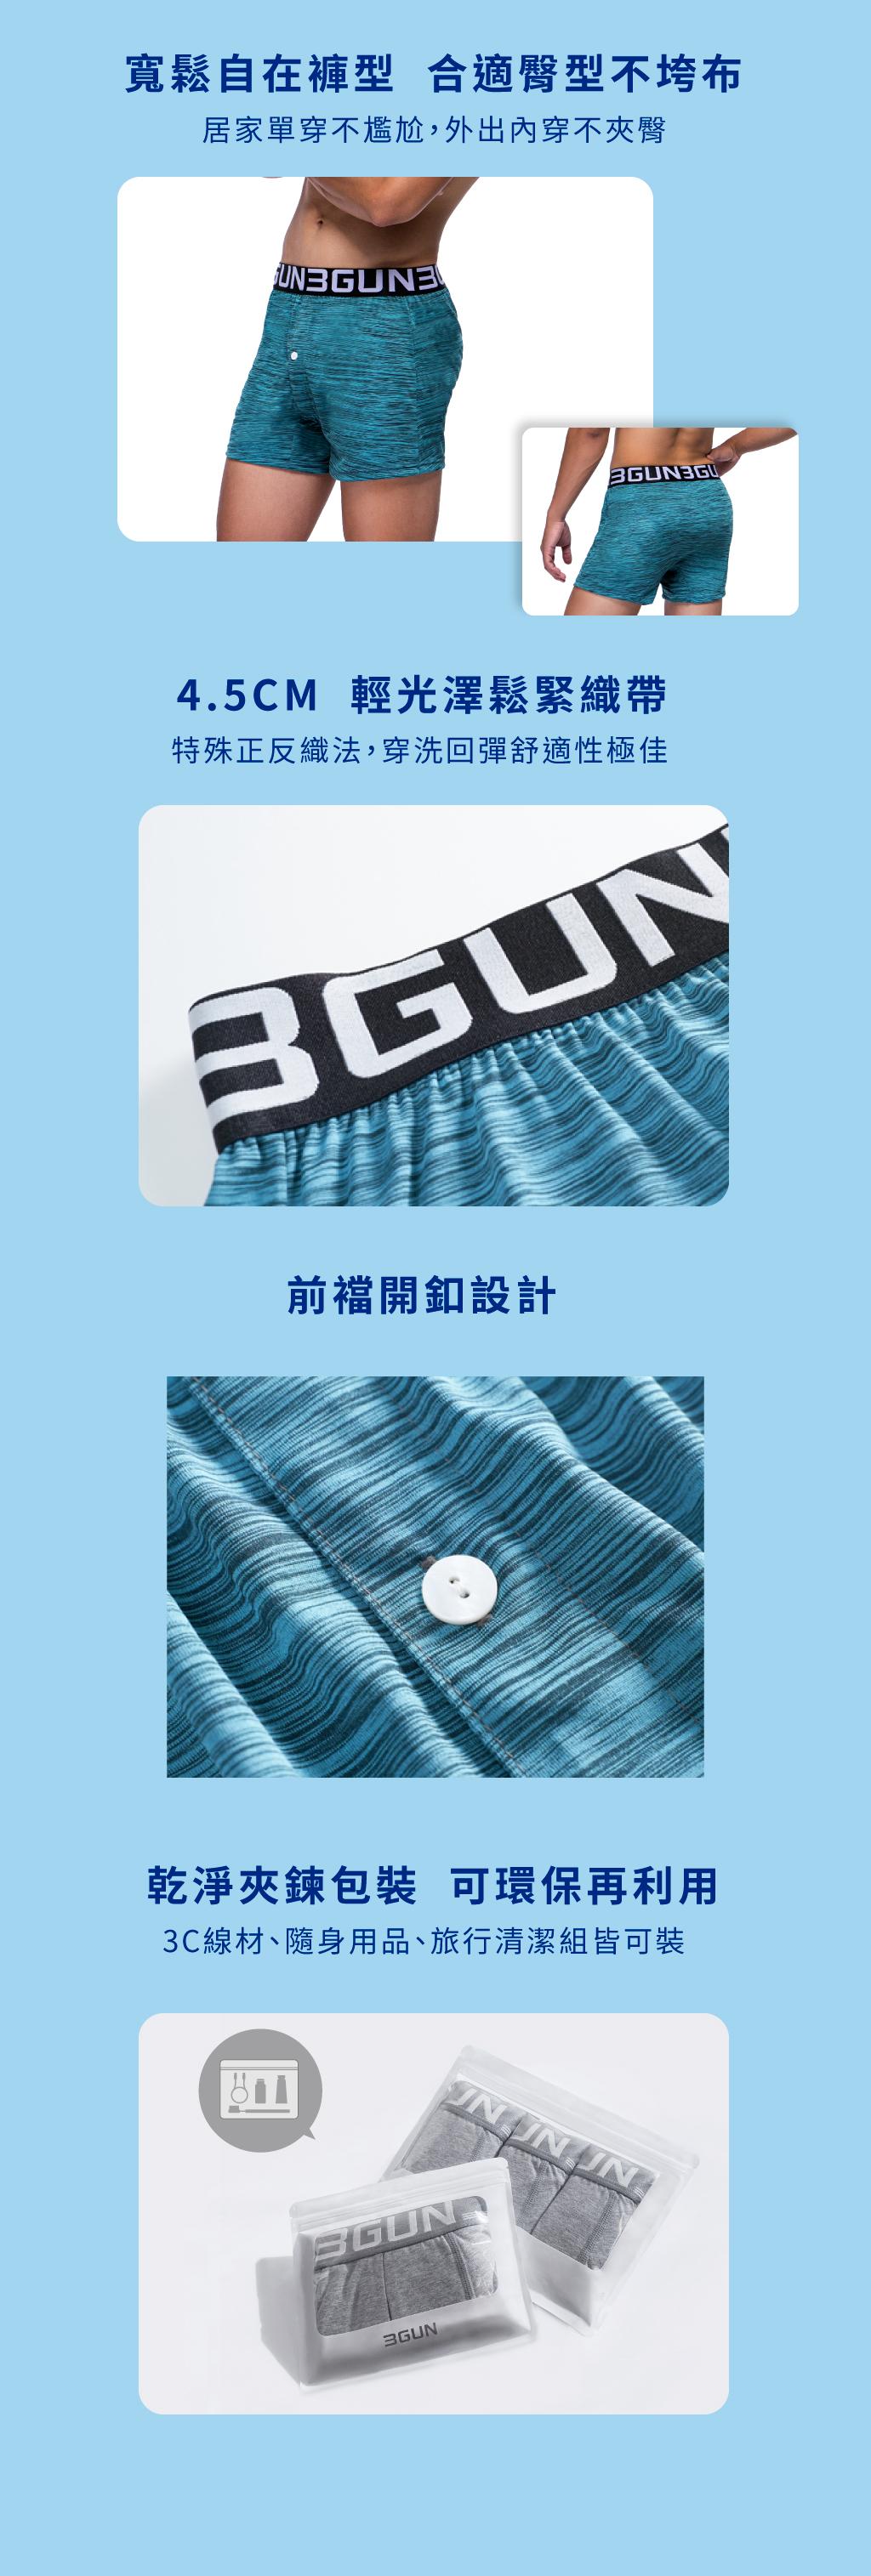 輕量快乾男寬鬆四角平口褲-BOXERS-3GUN |男性時尚內衣褲MIT品牌